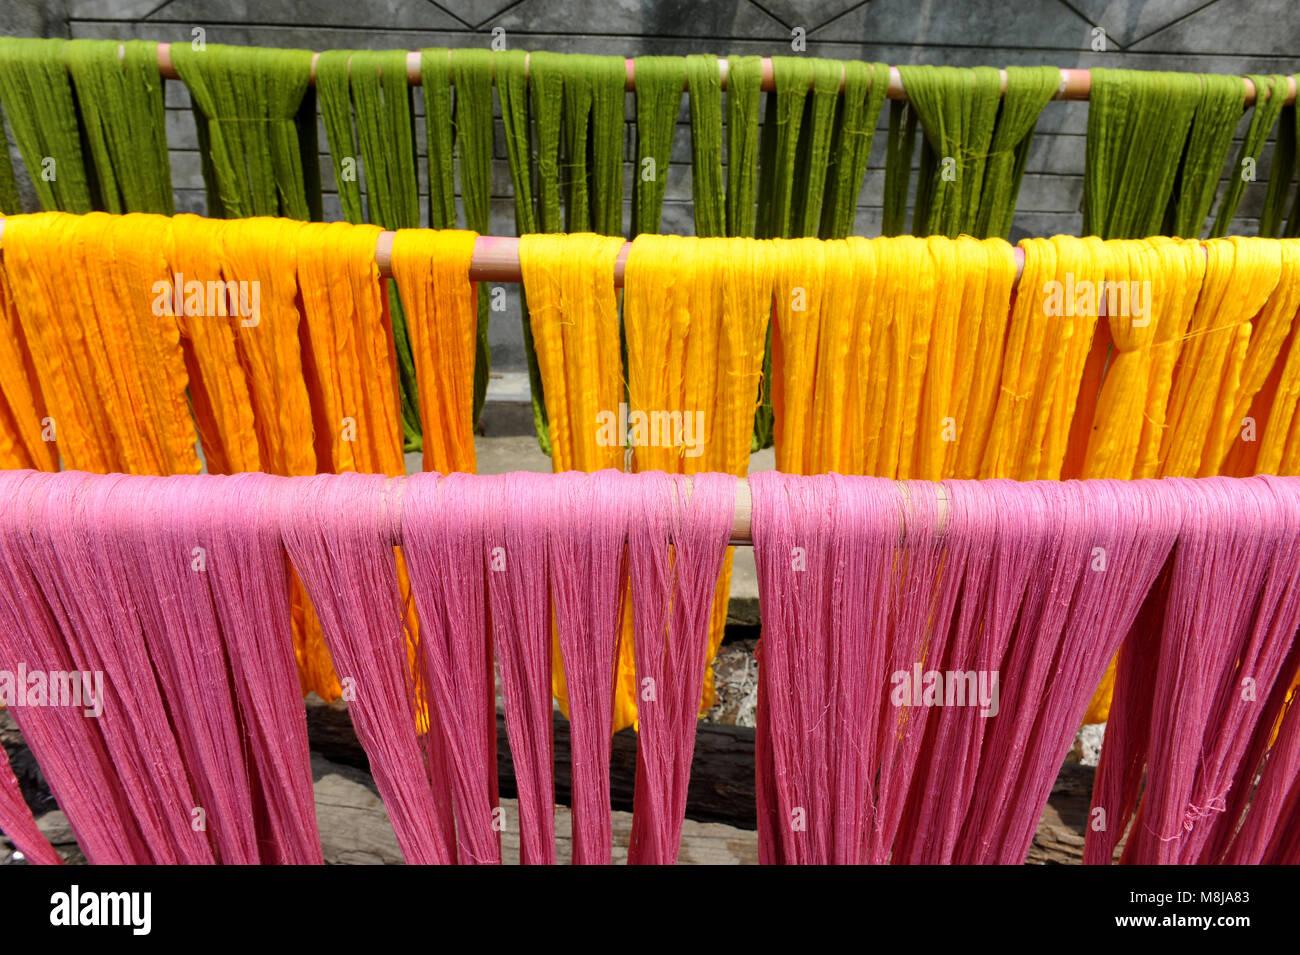 Bangladesh Factory Textile Stock Photos & Bangladesh Factory